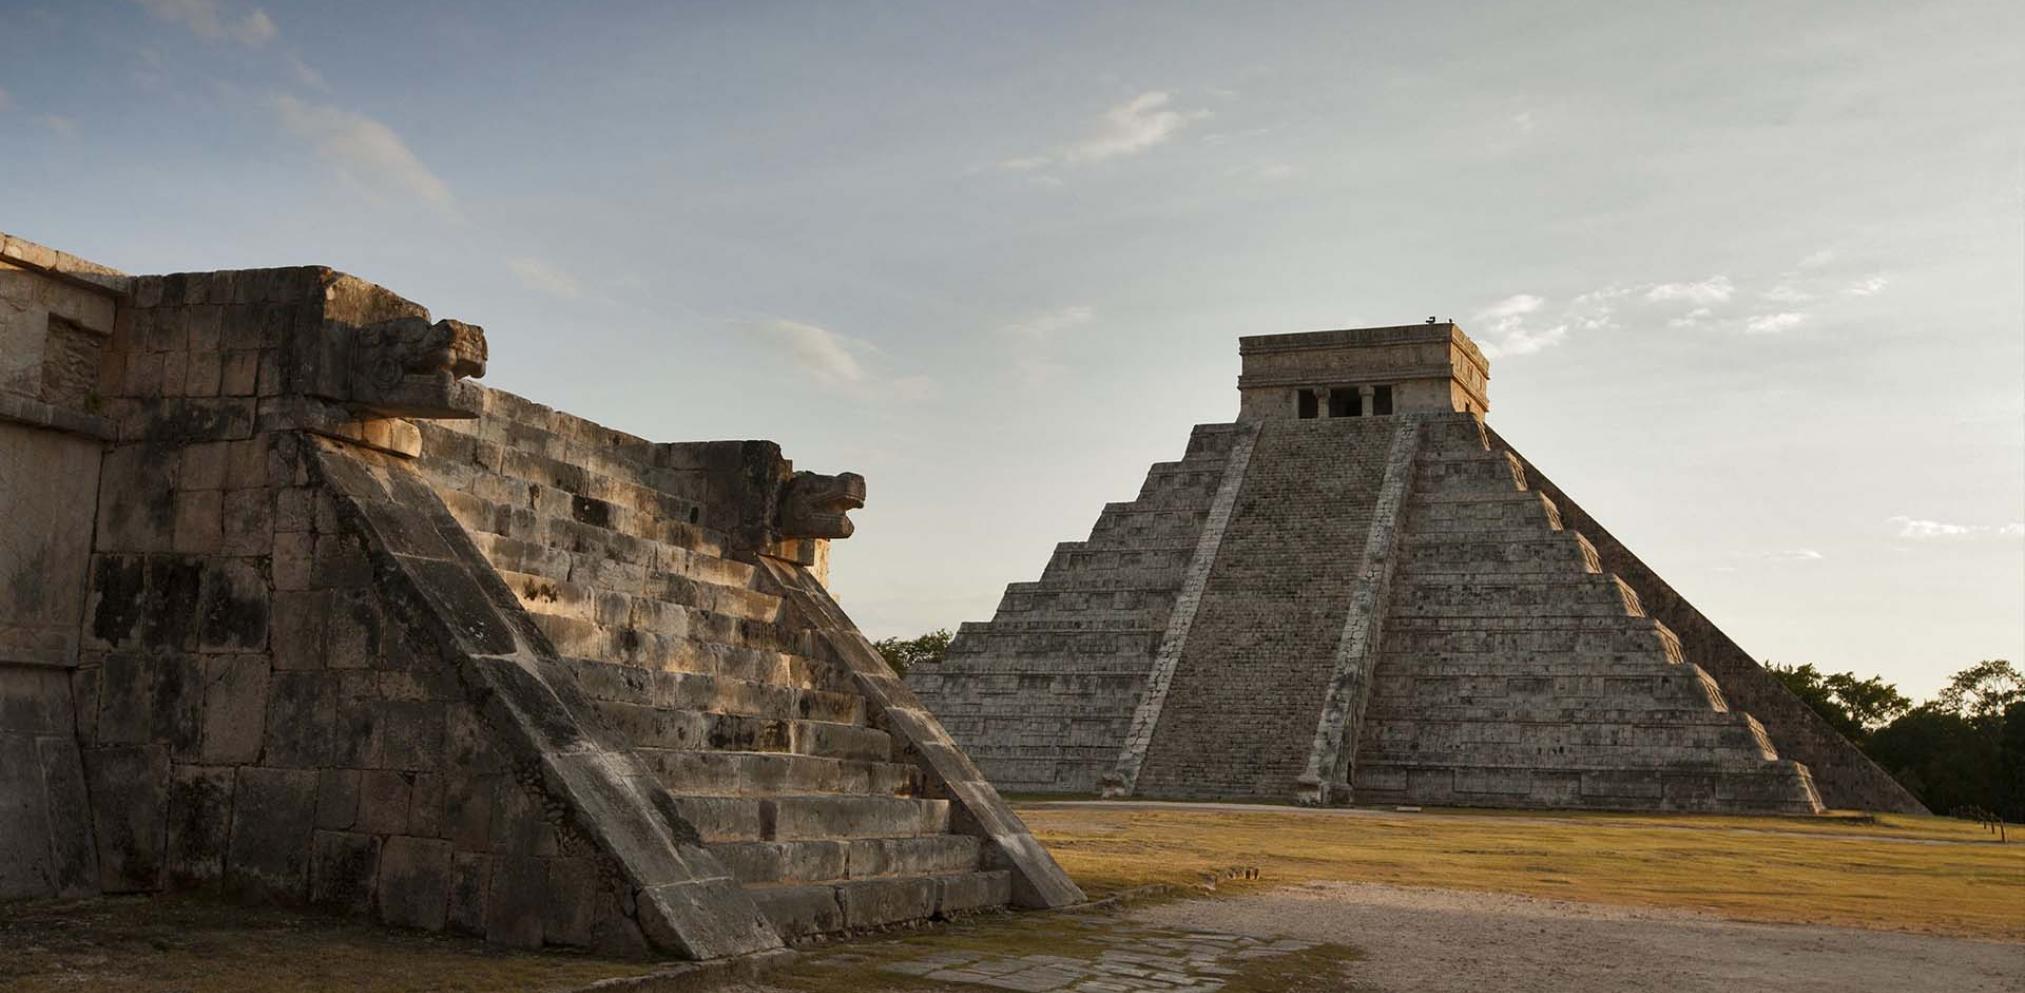 Chichen Itza Yucatan Culture